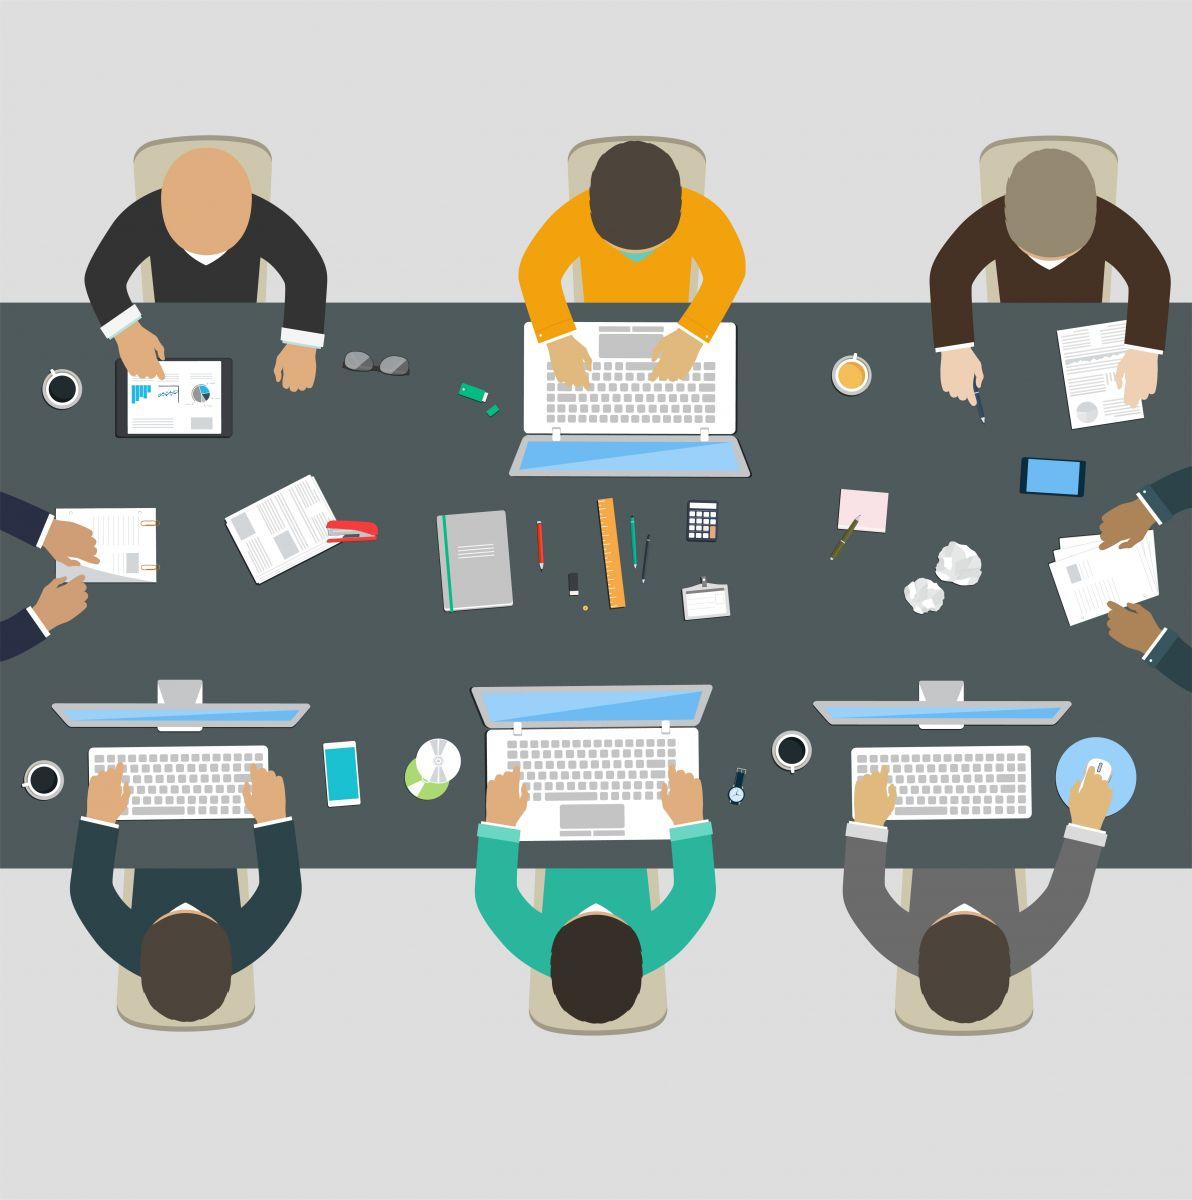 ביצוע קבוצות מיקוד